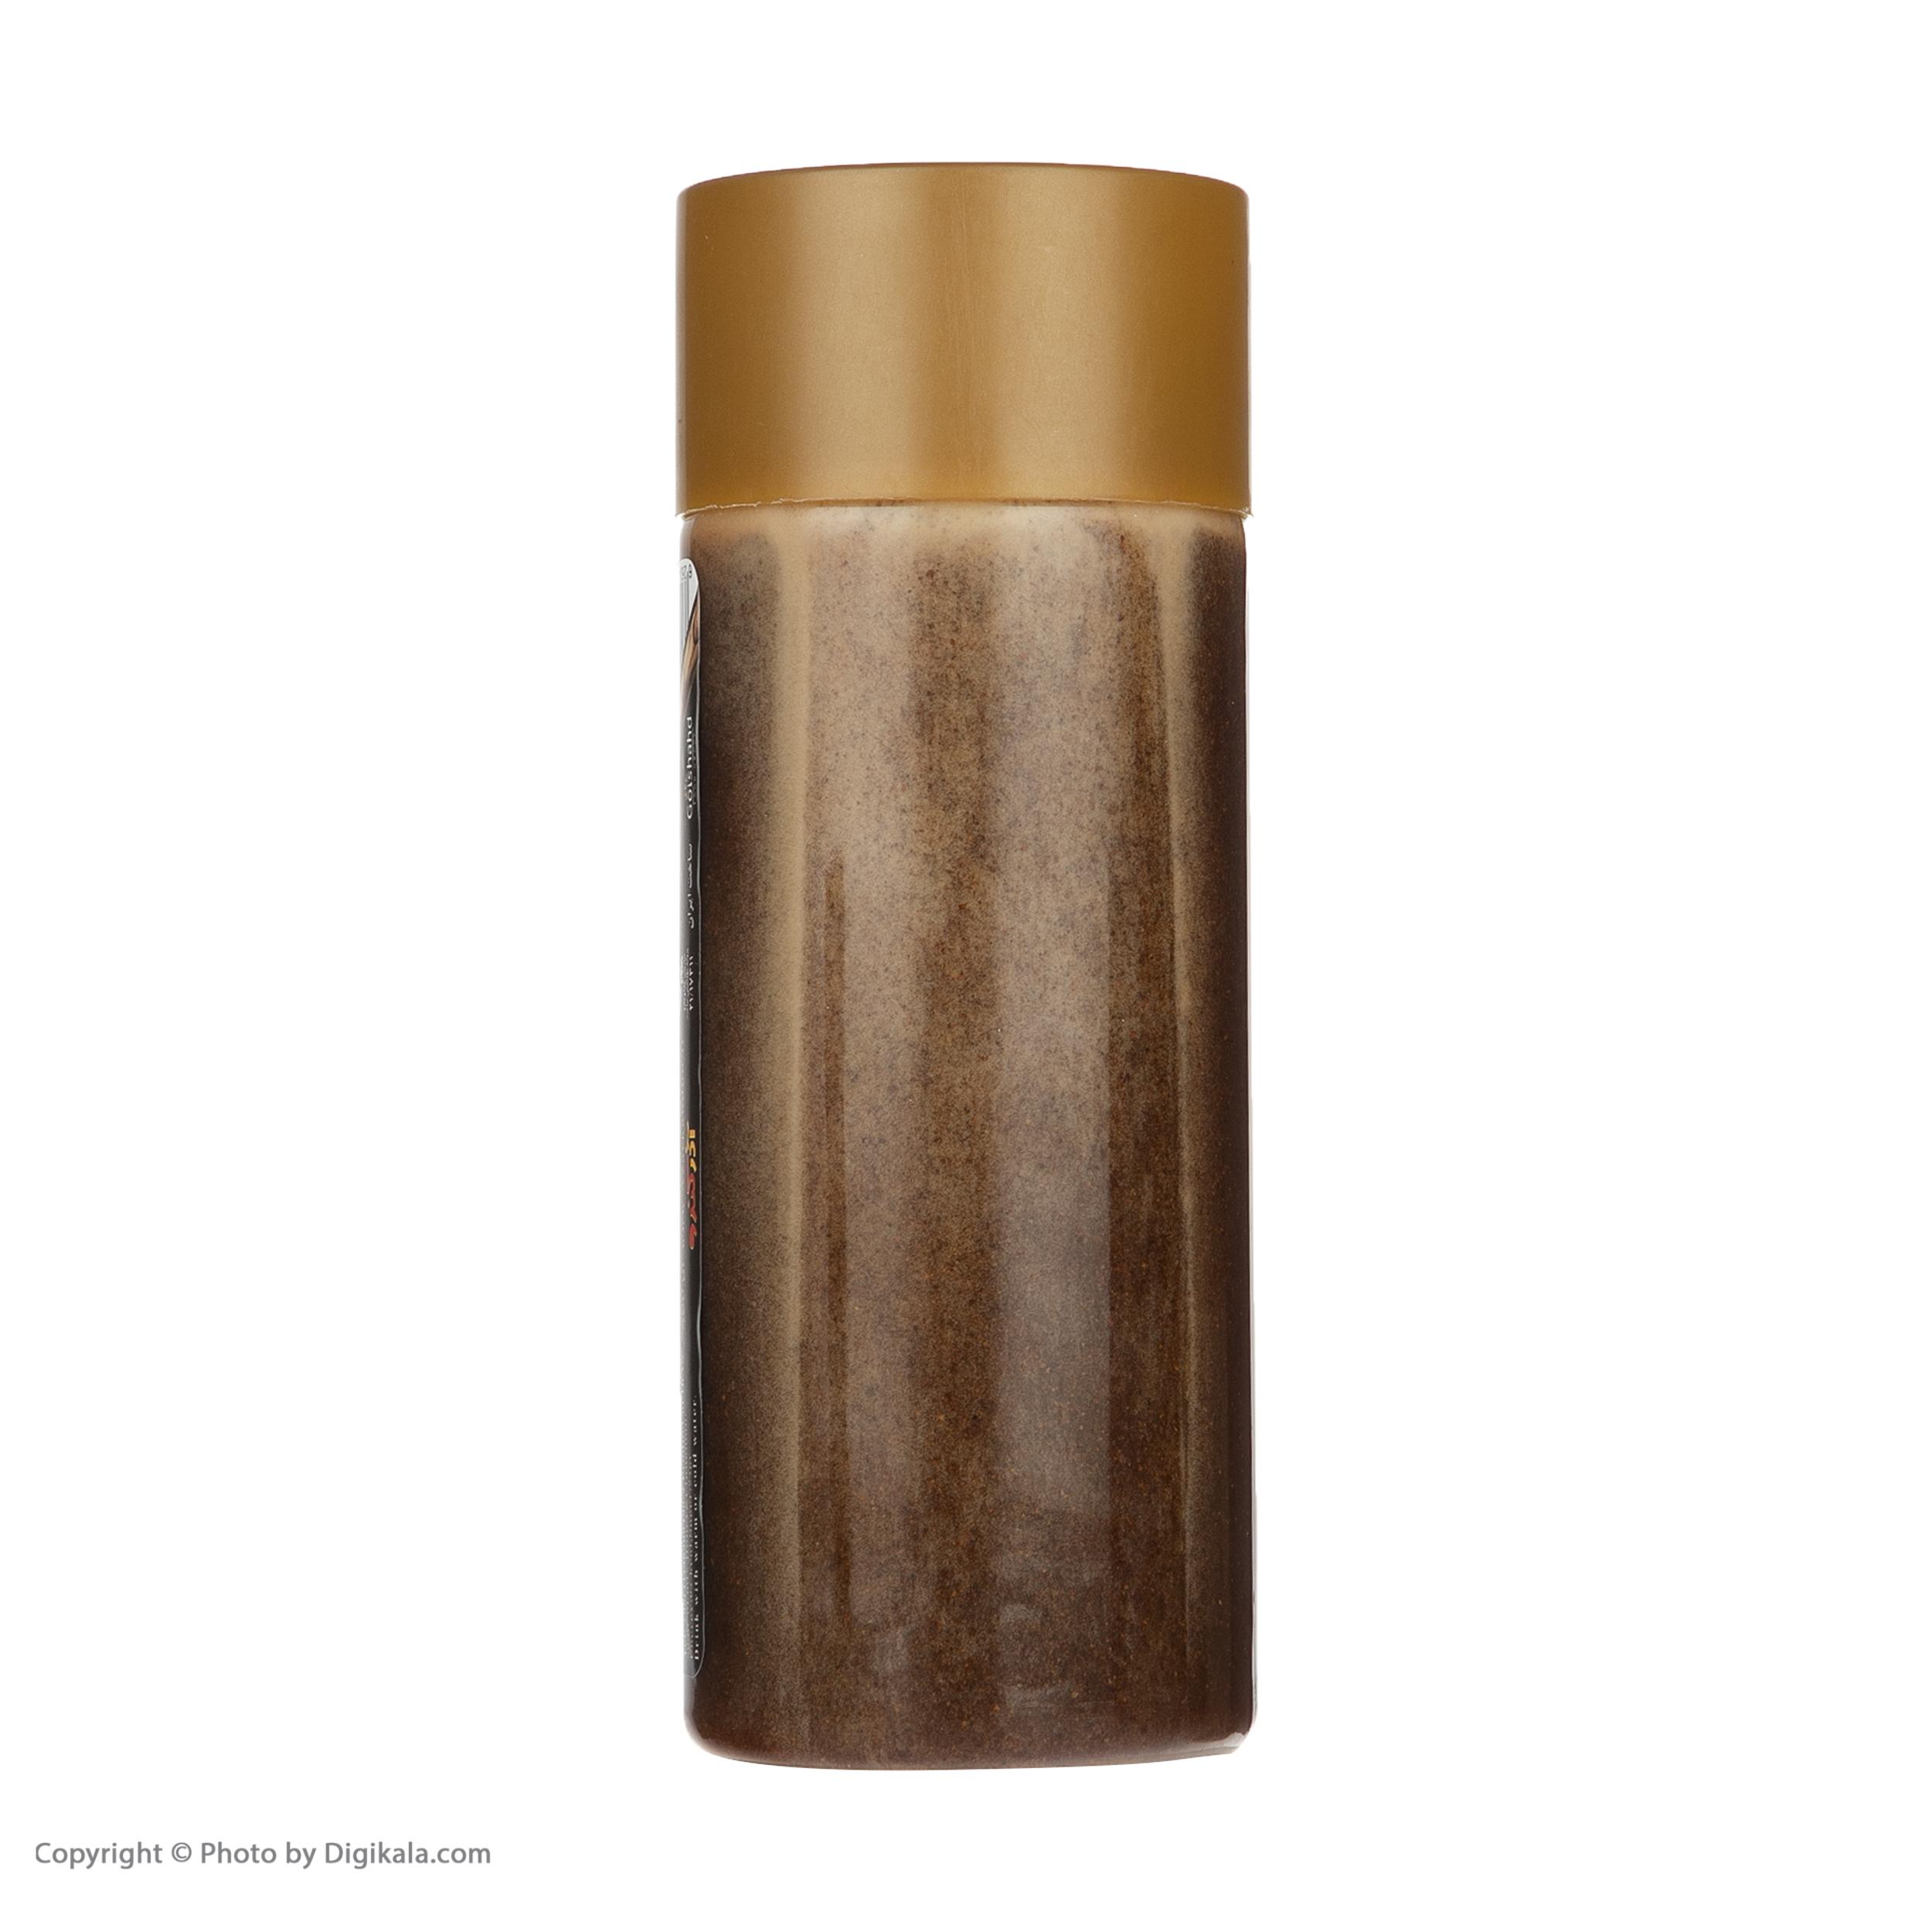 عسل آذرکندو مخلوط با پودر دارچین - 460گرم main 1 4